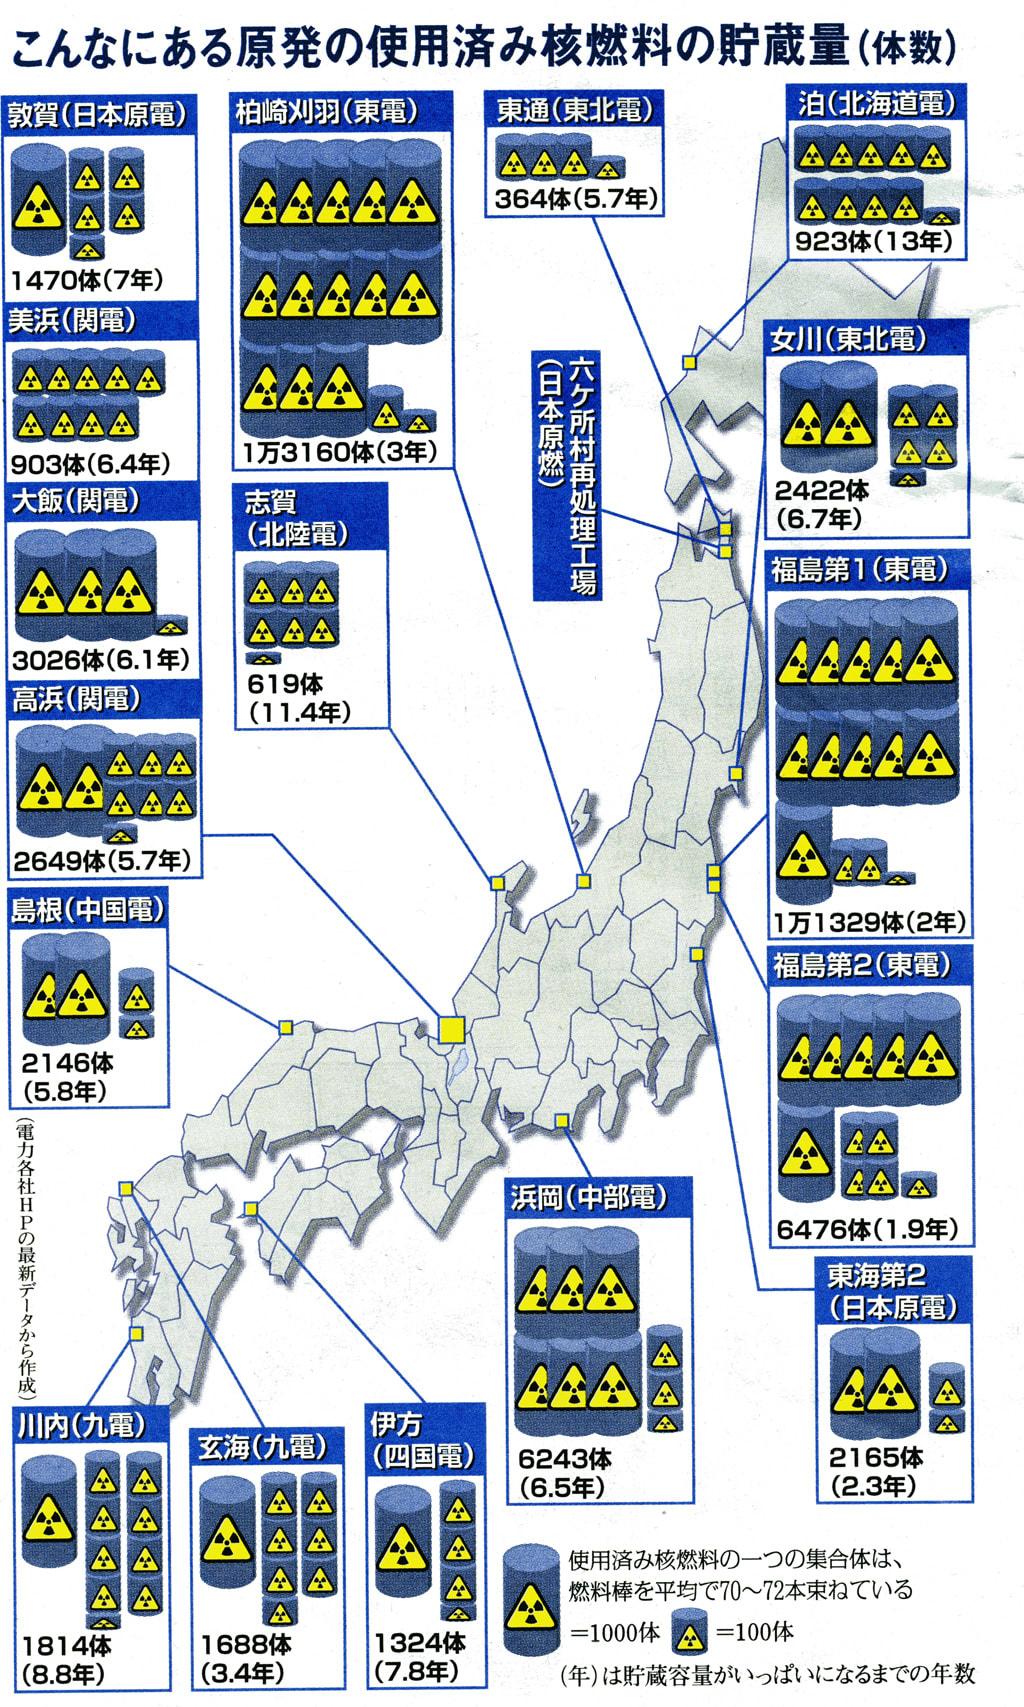 中国大気汚染】の放射能石炭 ... : 単位換算 問題 : すべての講義